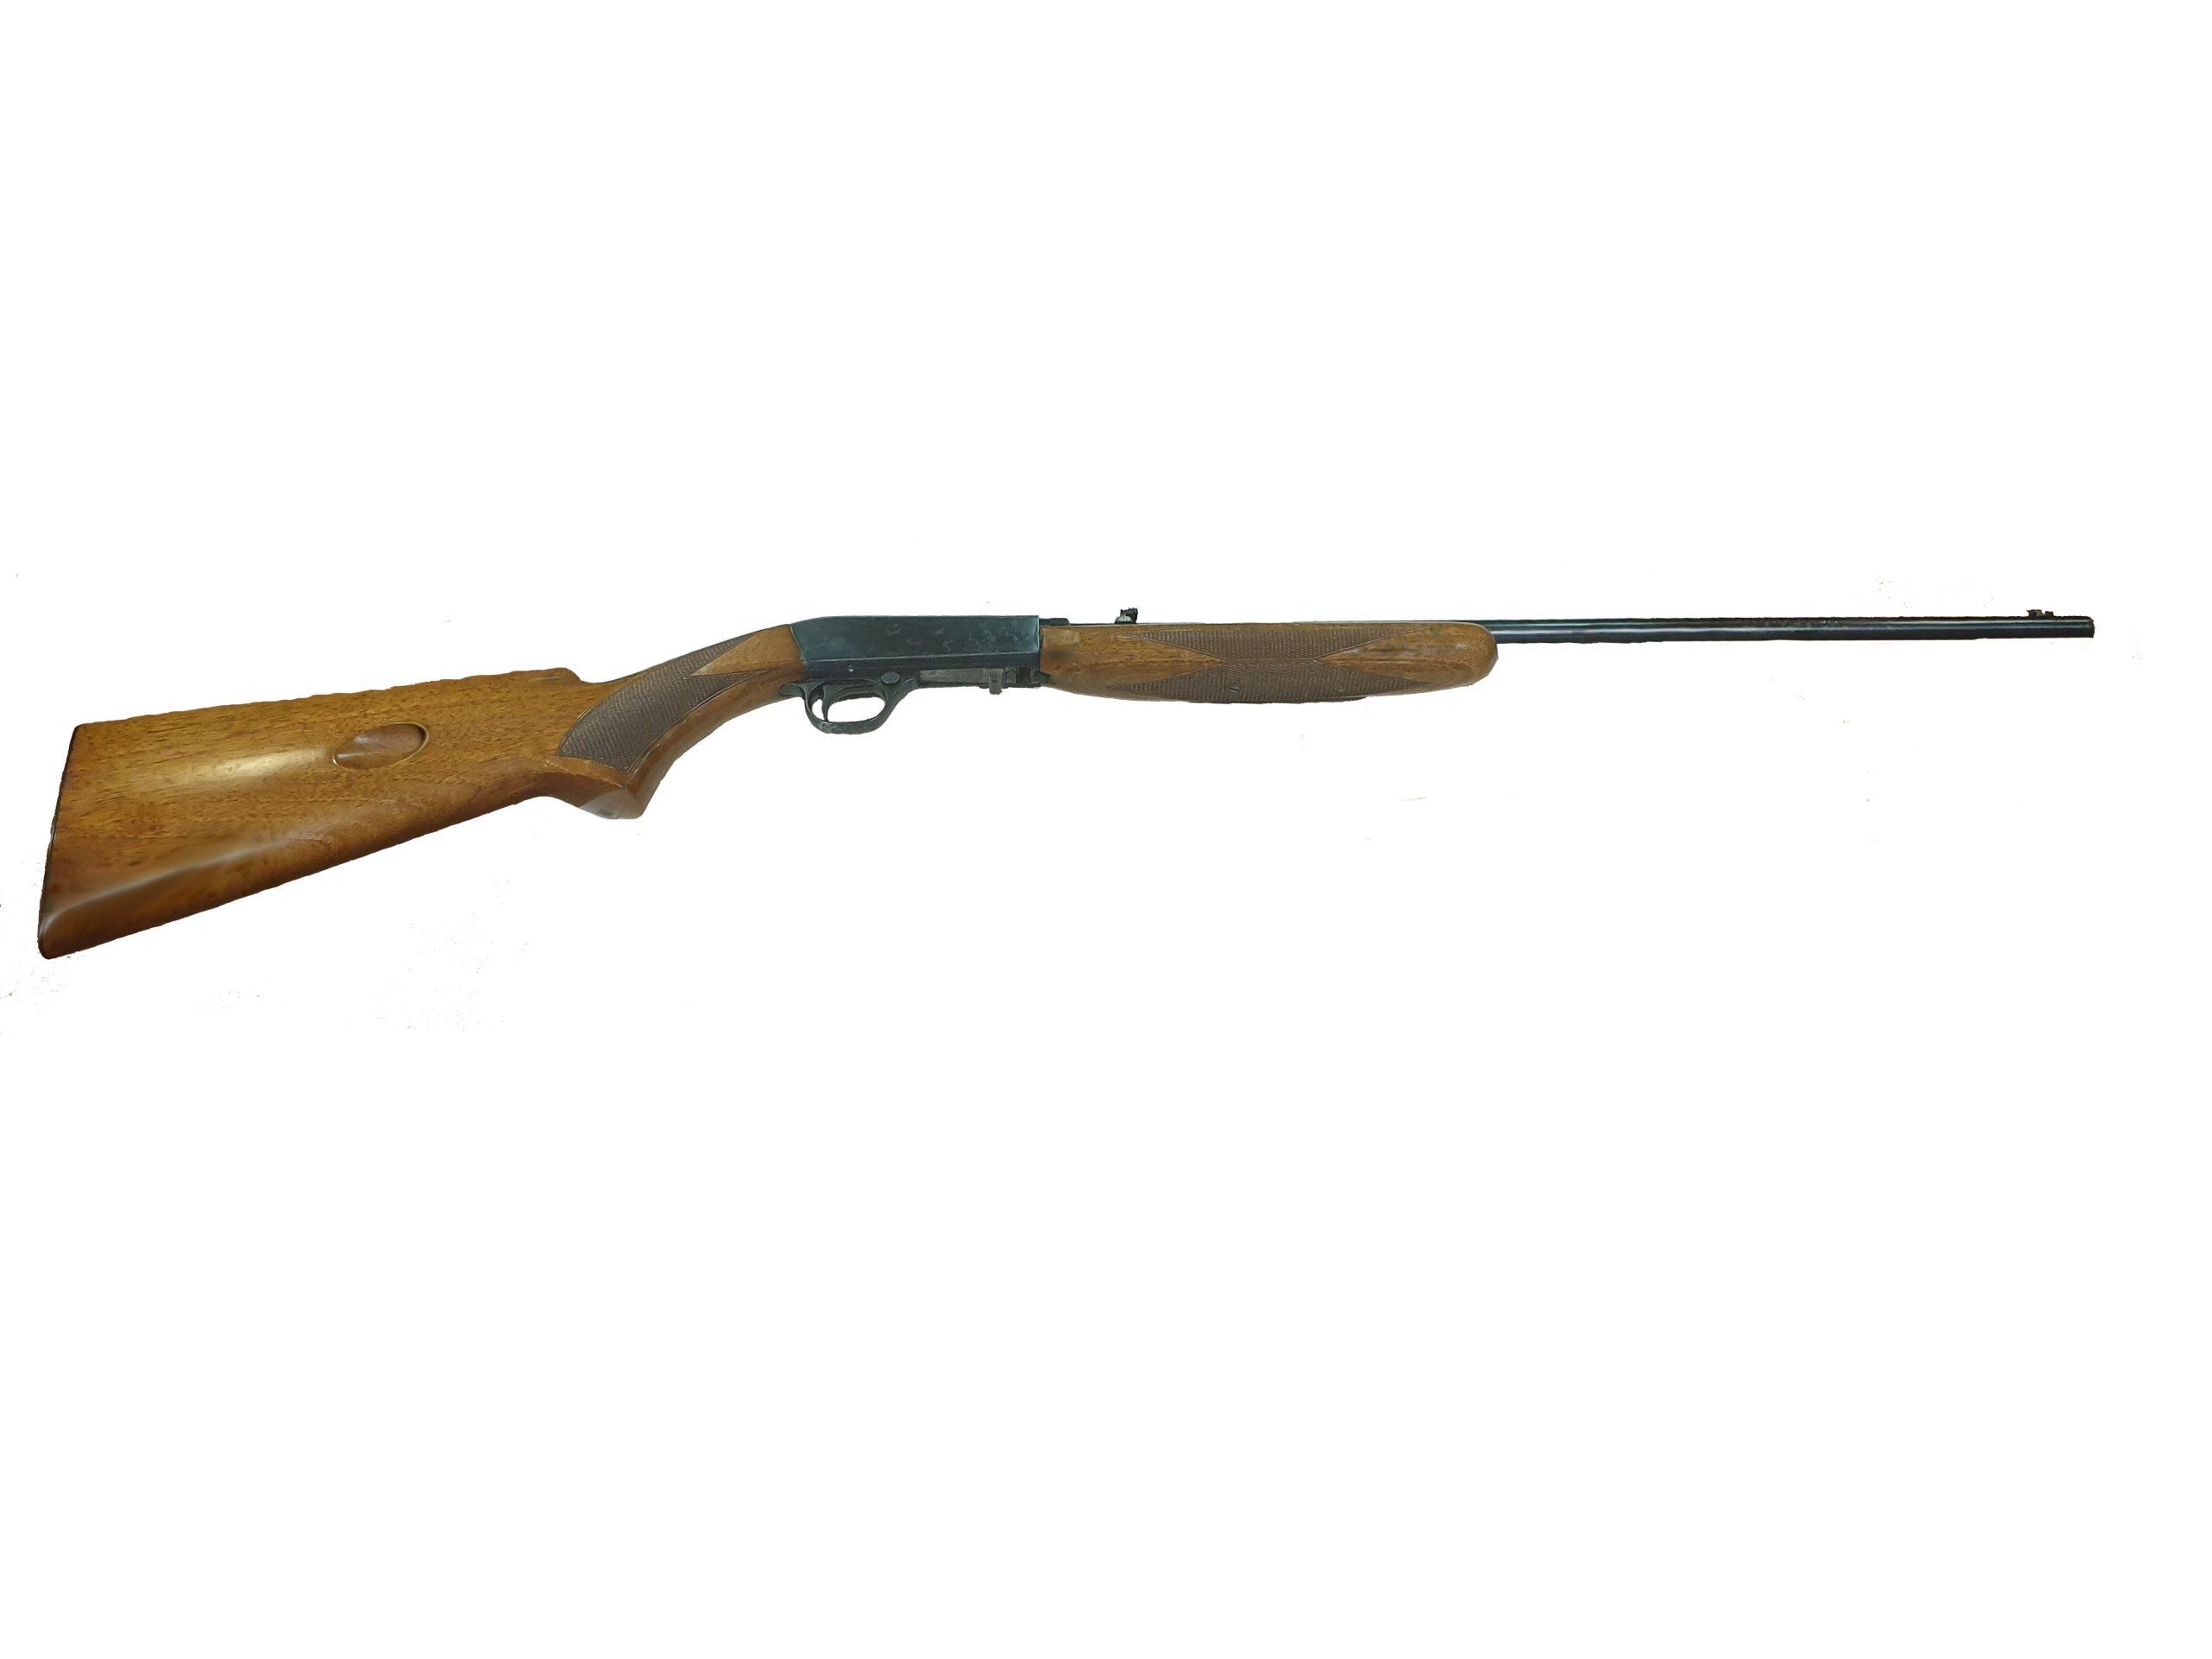 Carabina FN HERSTAL modelo AUTO22 calibre 22 lr